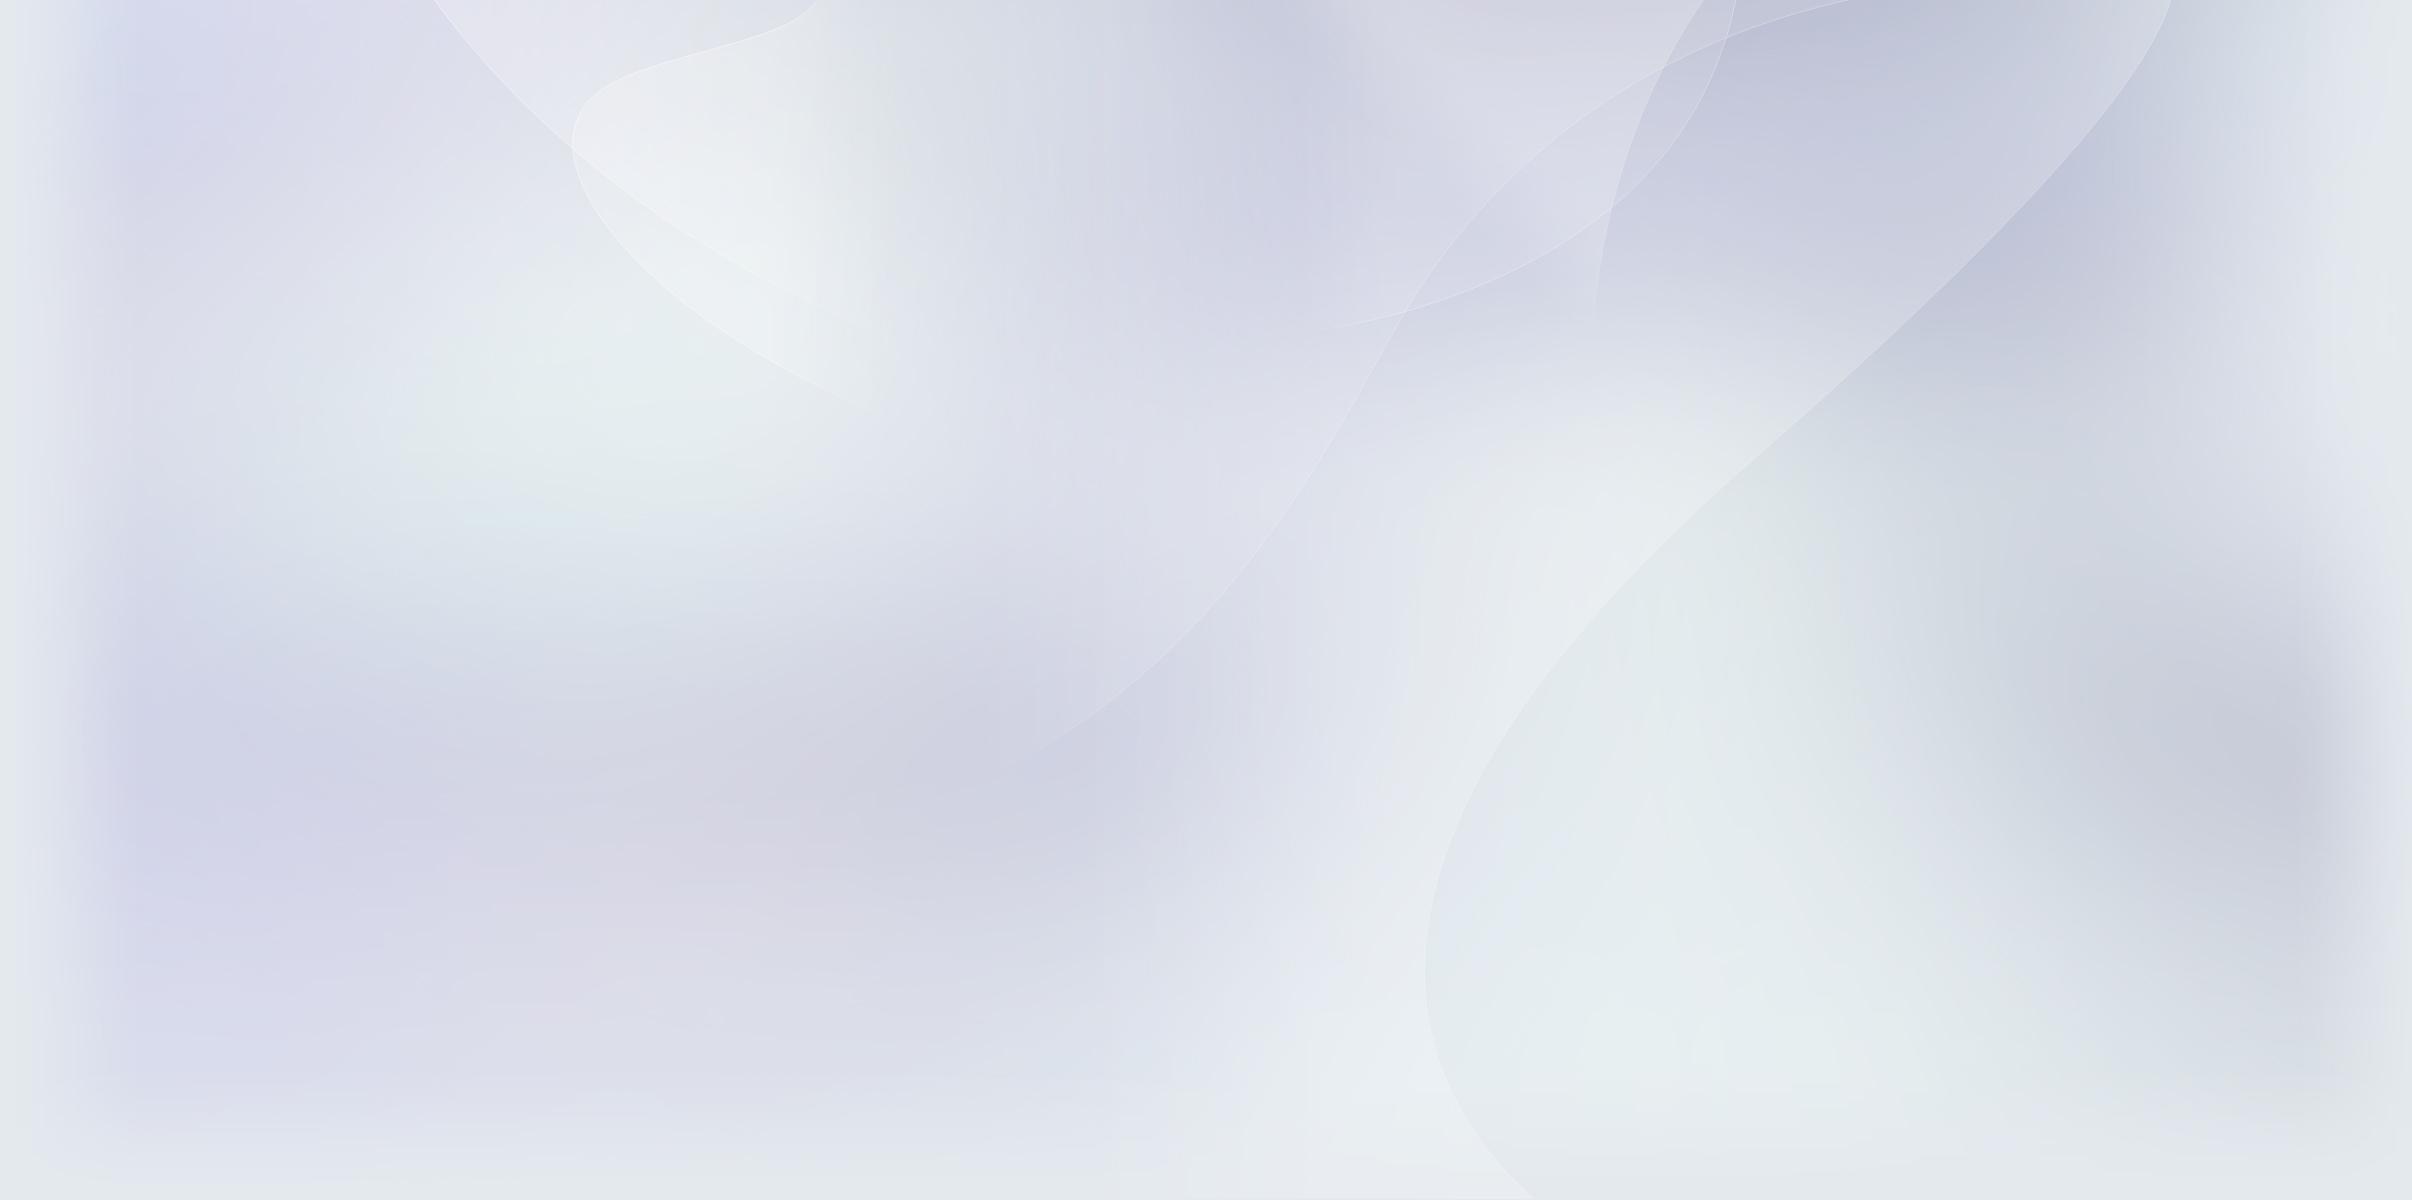 淘宝服装店开店教程_淘宝背景图片_淘宝背景图片素材_淘宝背景图_淘宝学堂